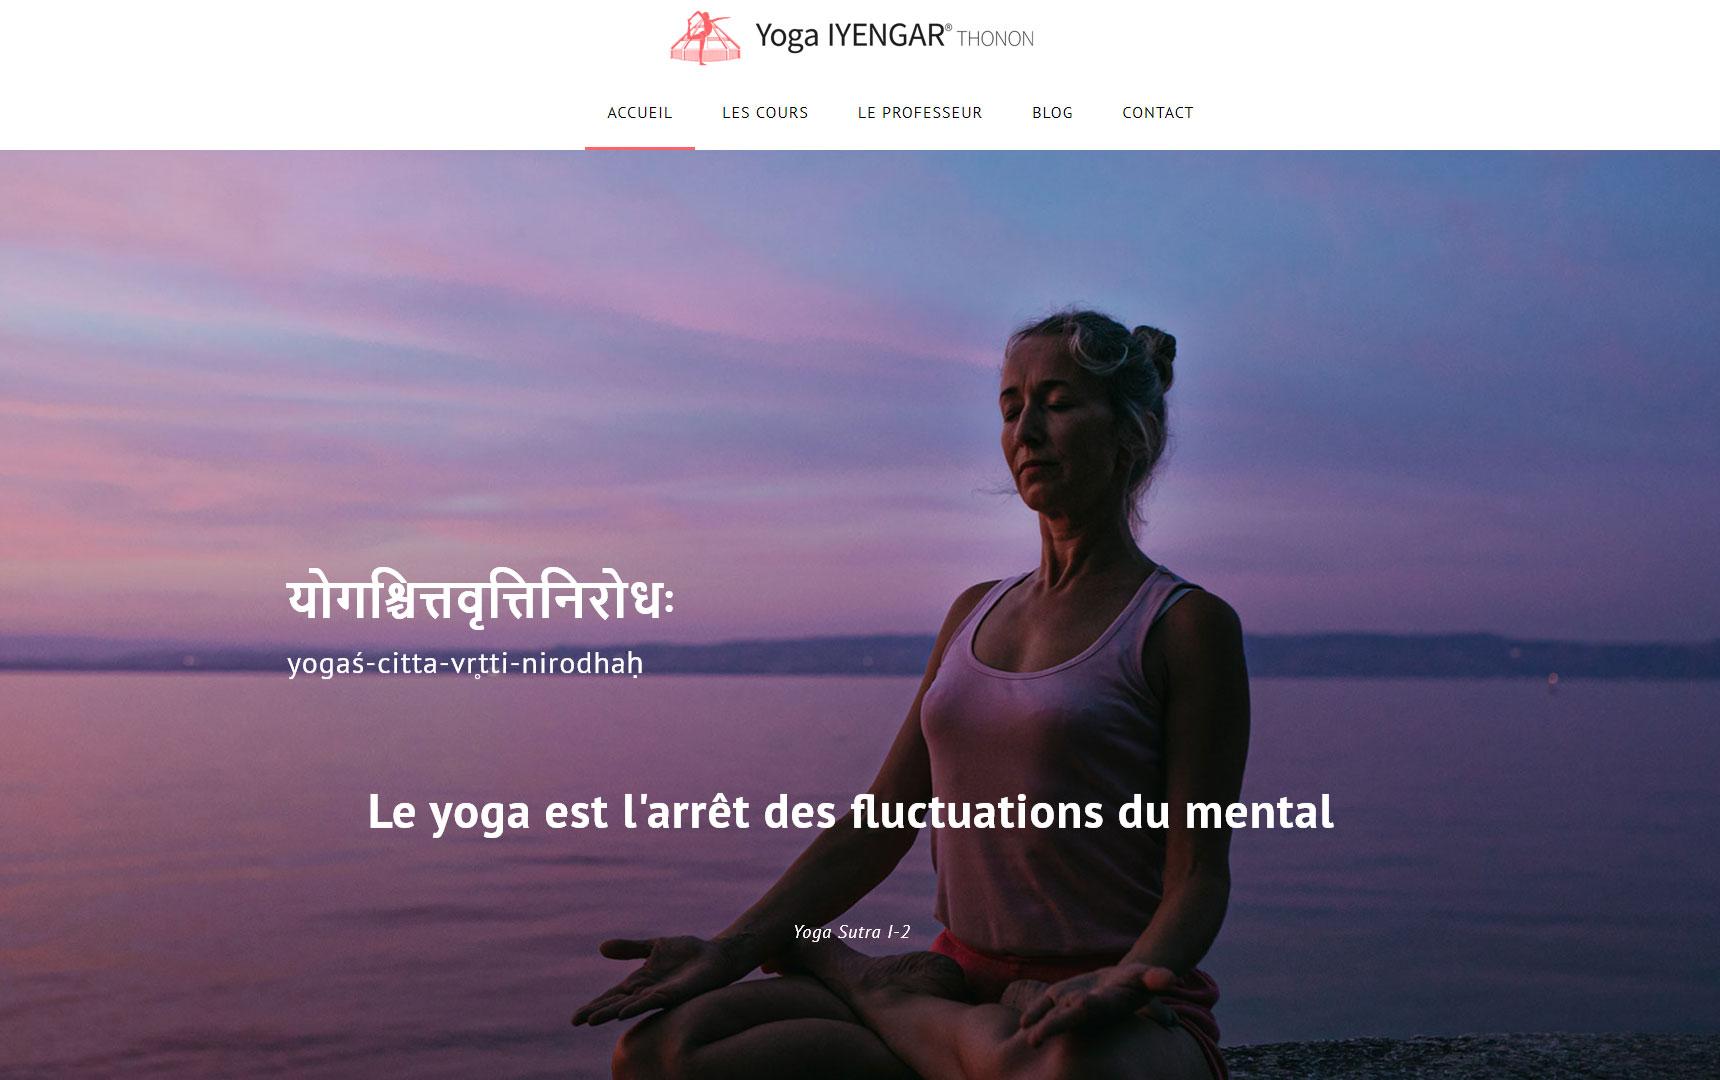 Création du site Yoga Thonon, diaporama de la page d'accueil